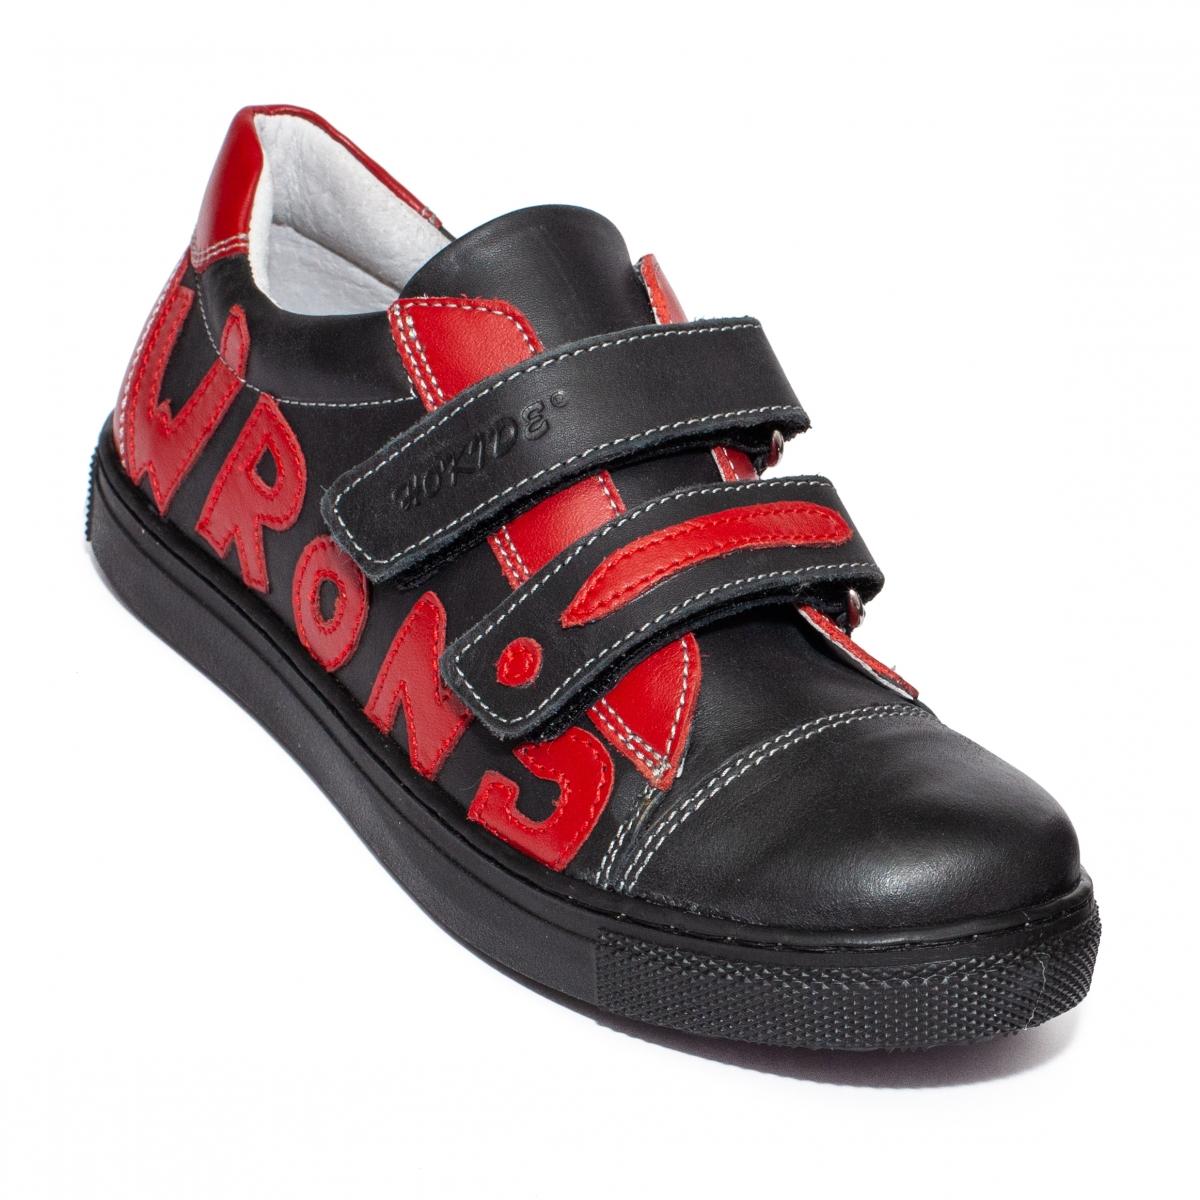 Pantofi sport baieti hokide 398 blu red 26-37